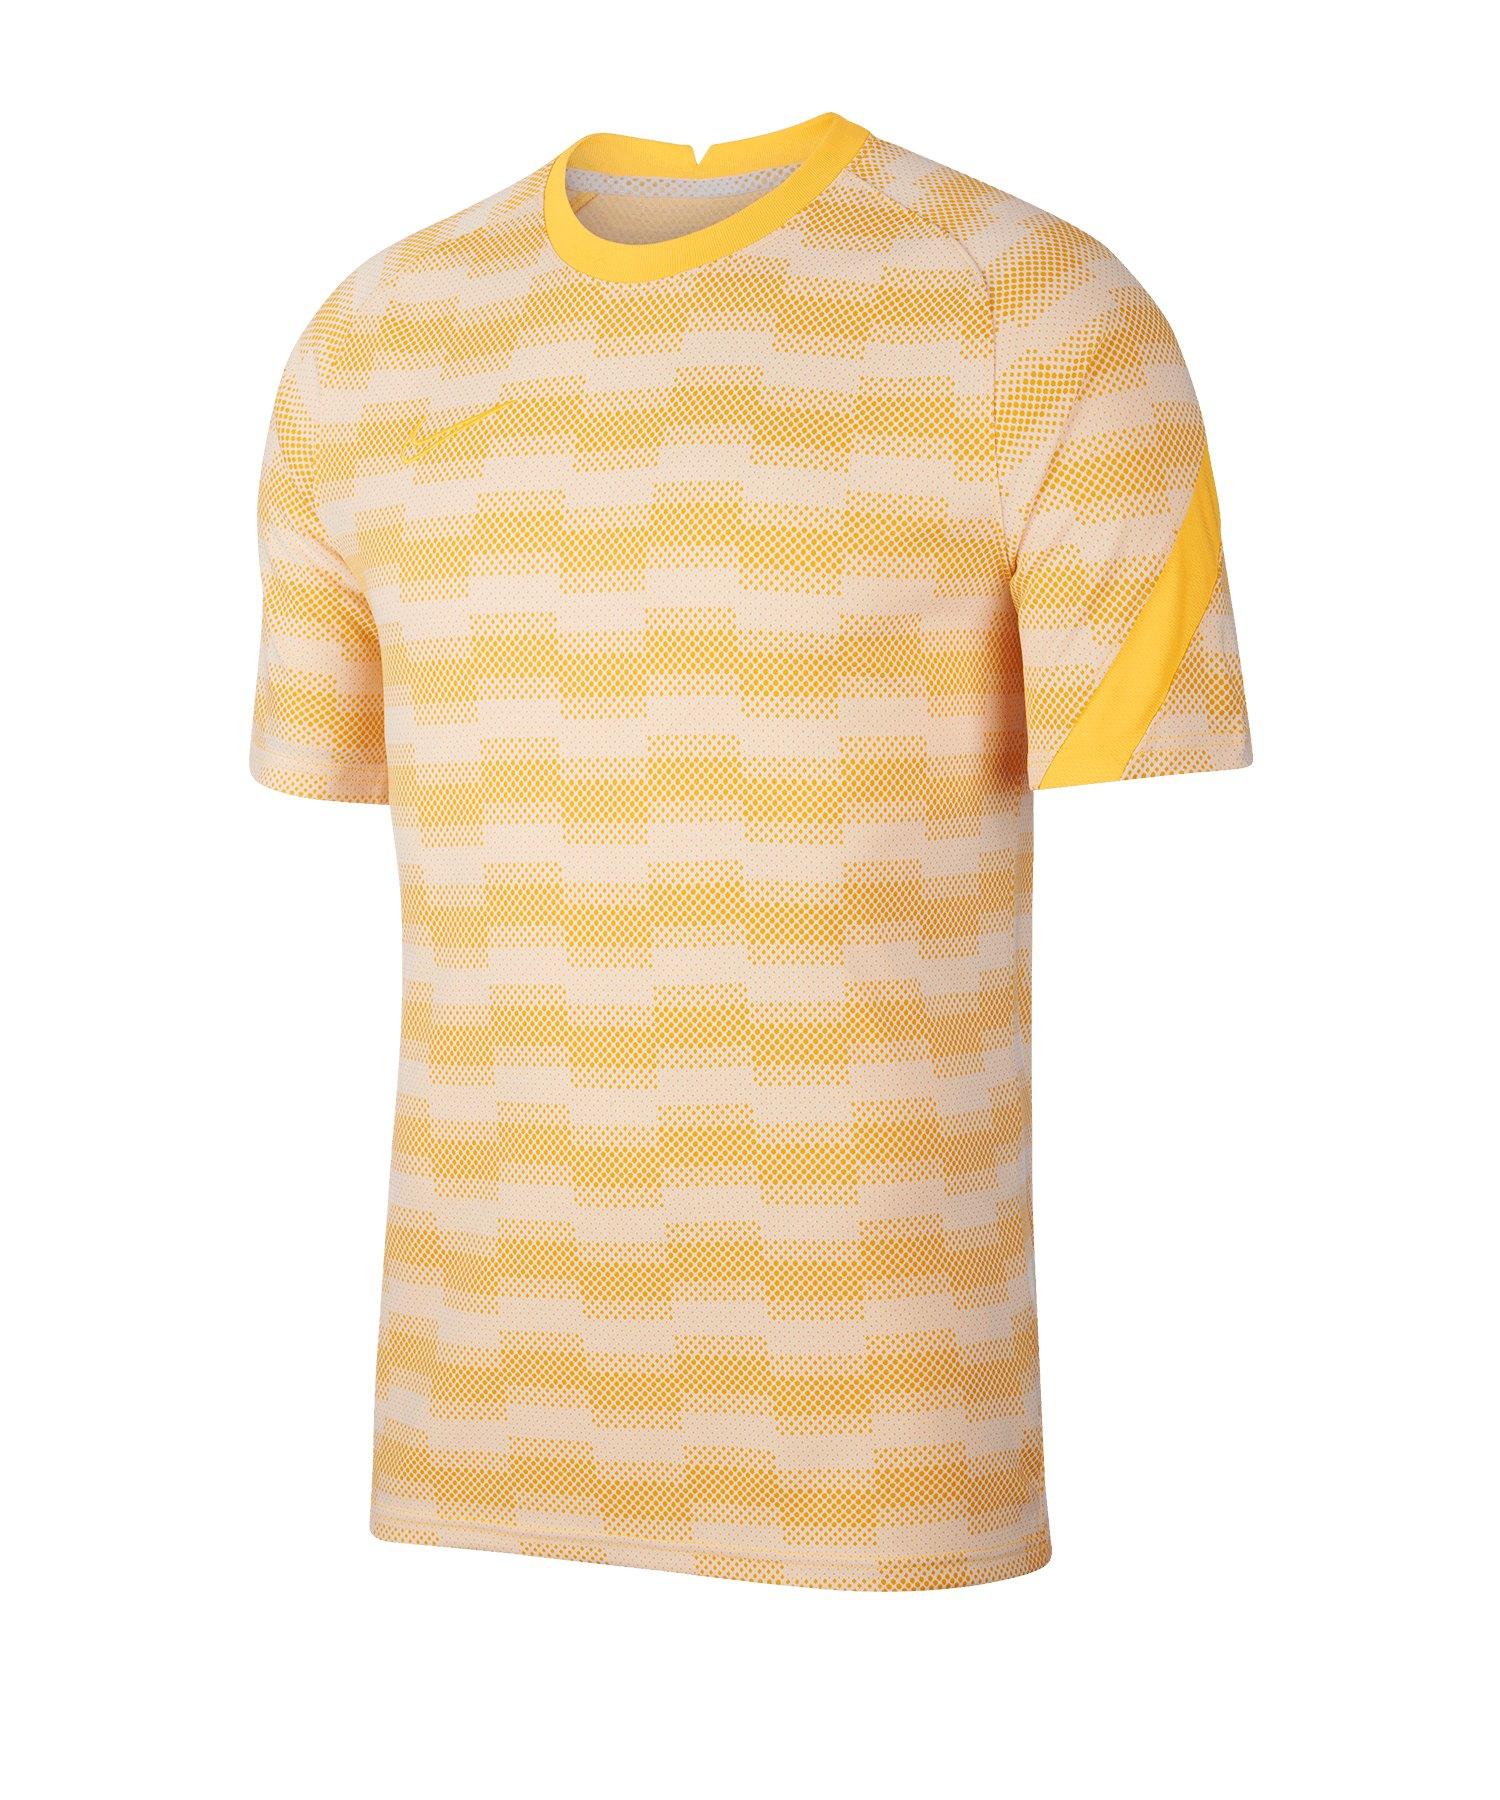 Nike Dri-FIT Academy Pro Shirt kurarm Grau F043 - grau